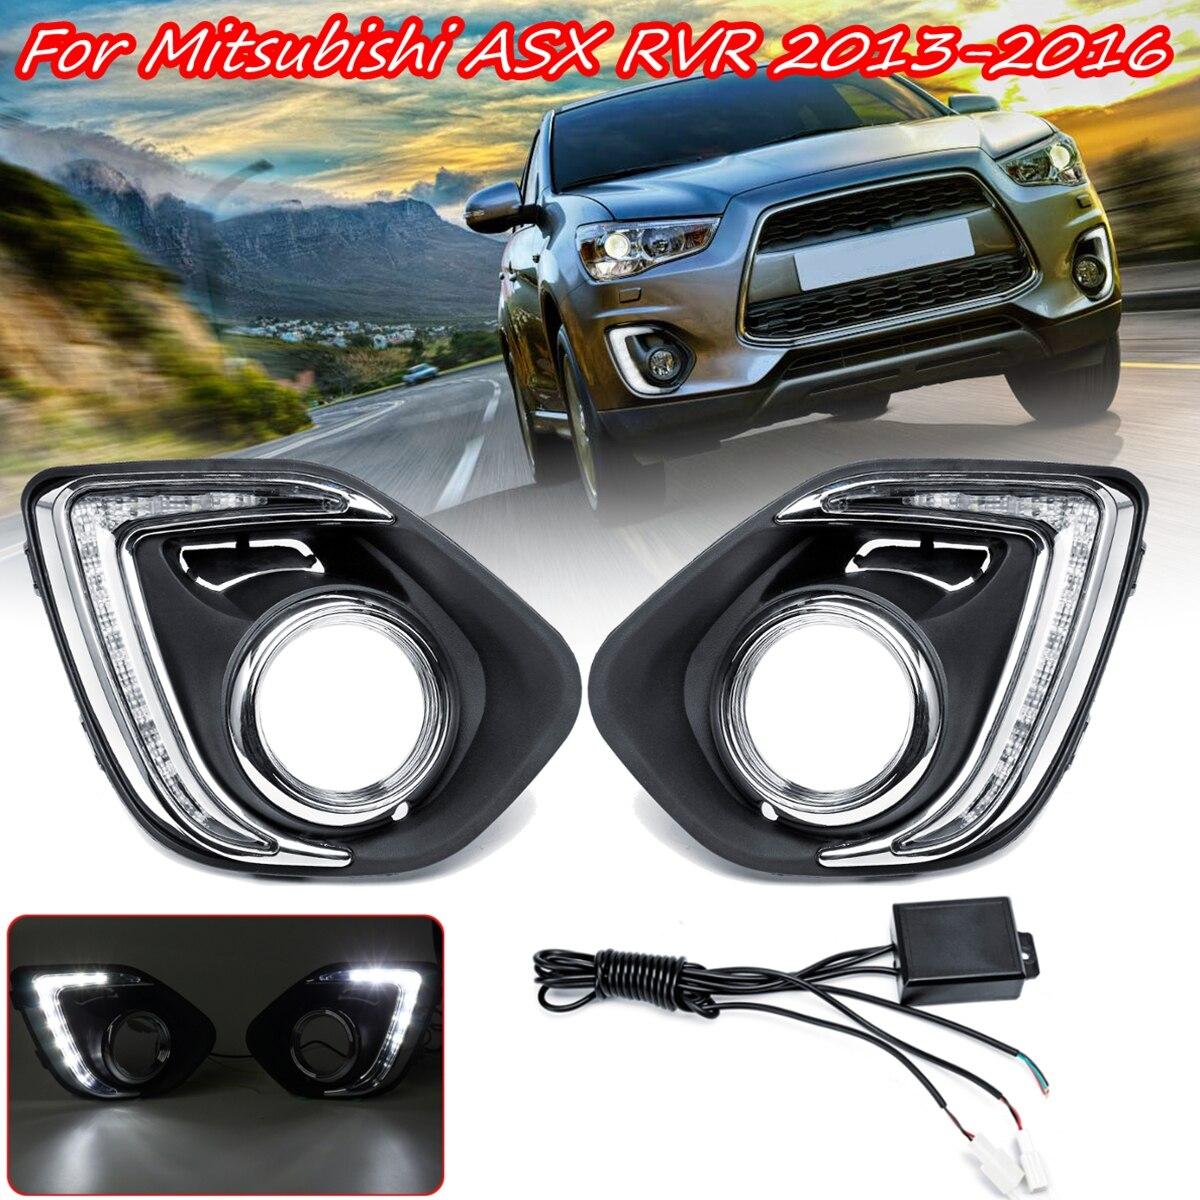 1 paire LED DRL feux de jour feux de jour 12 v lampe d'avertissement feux de voiture pour Mitsubishi ASX Outlander Sport 2013-2015